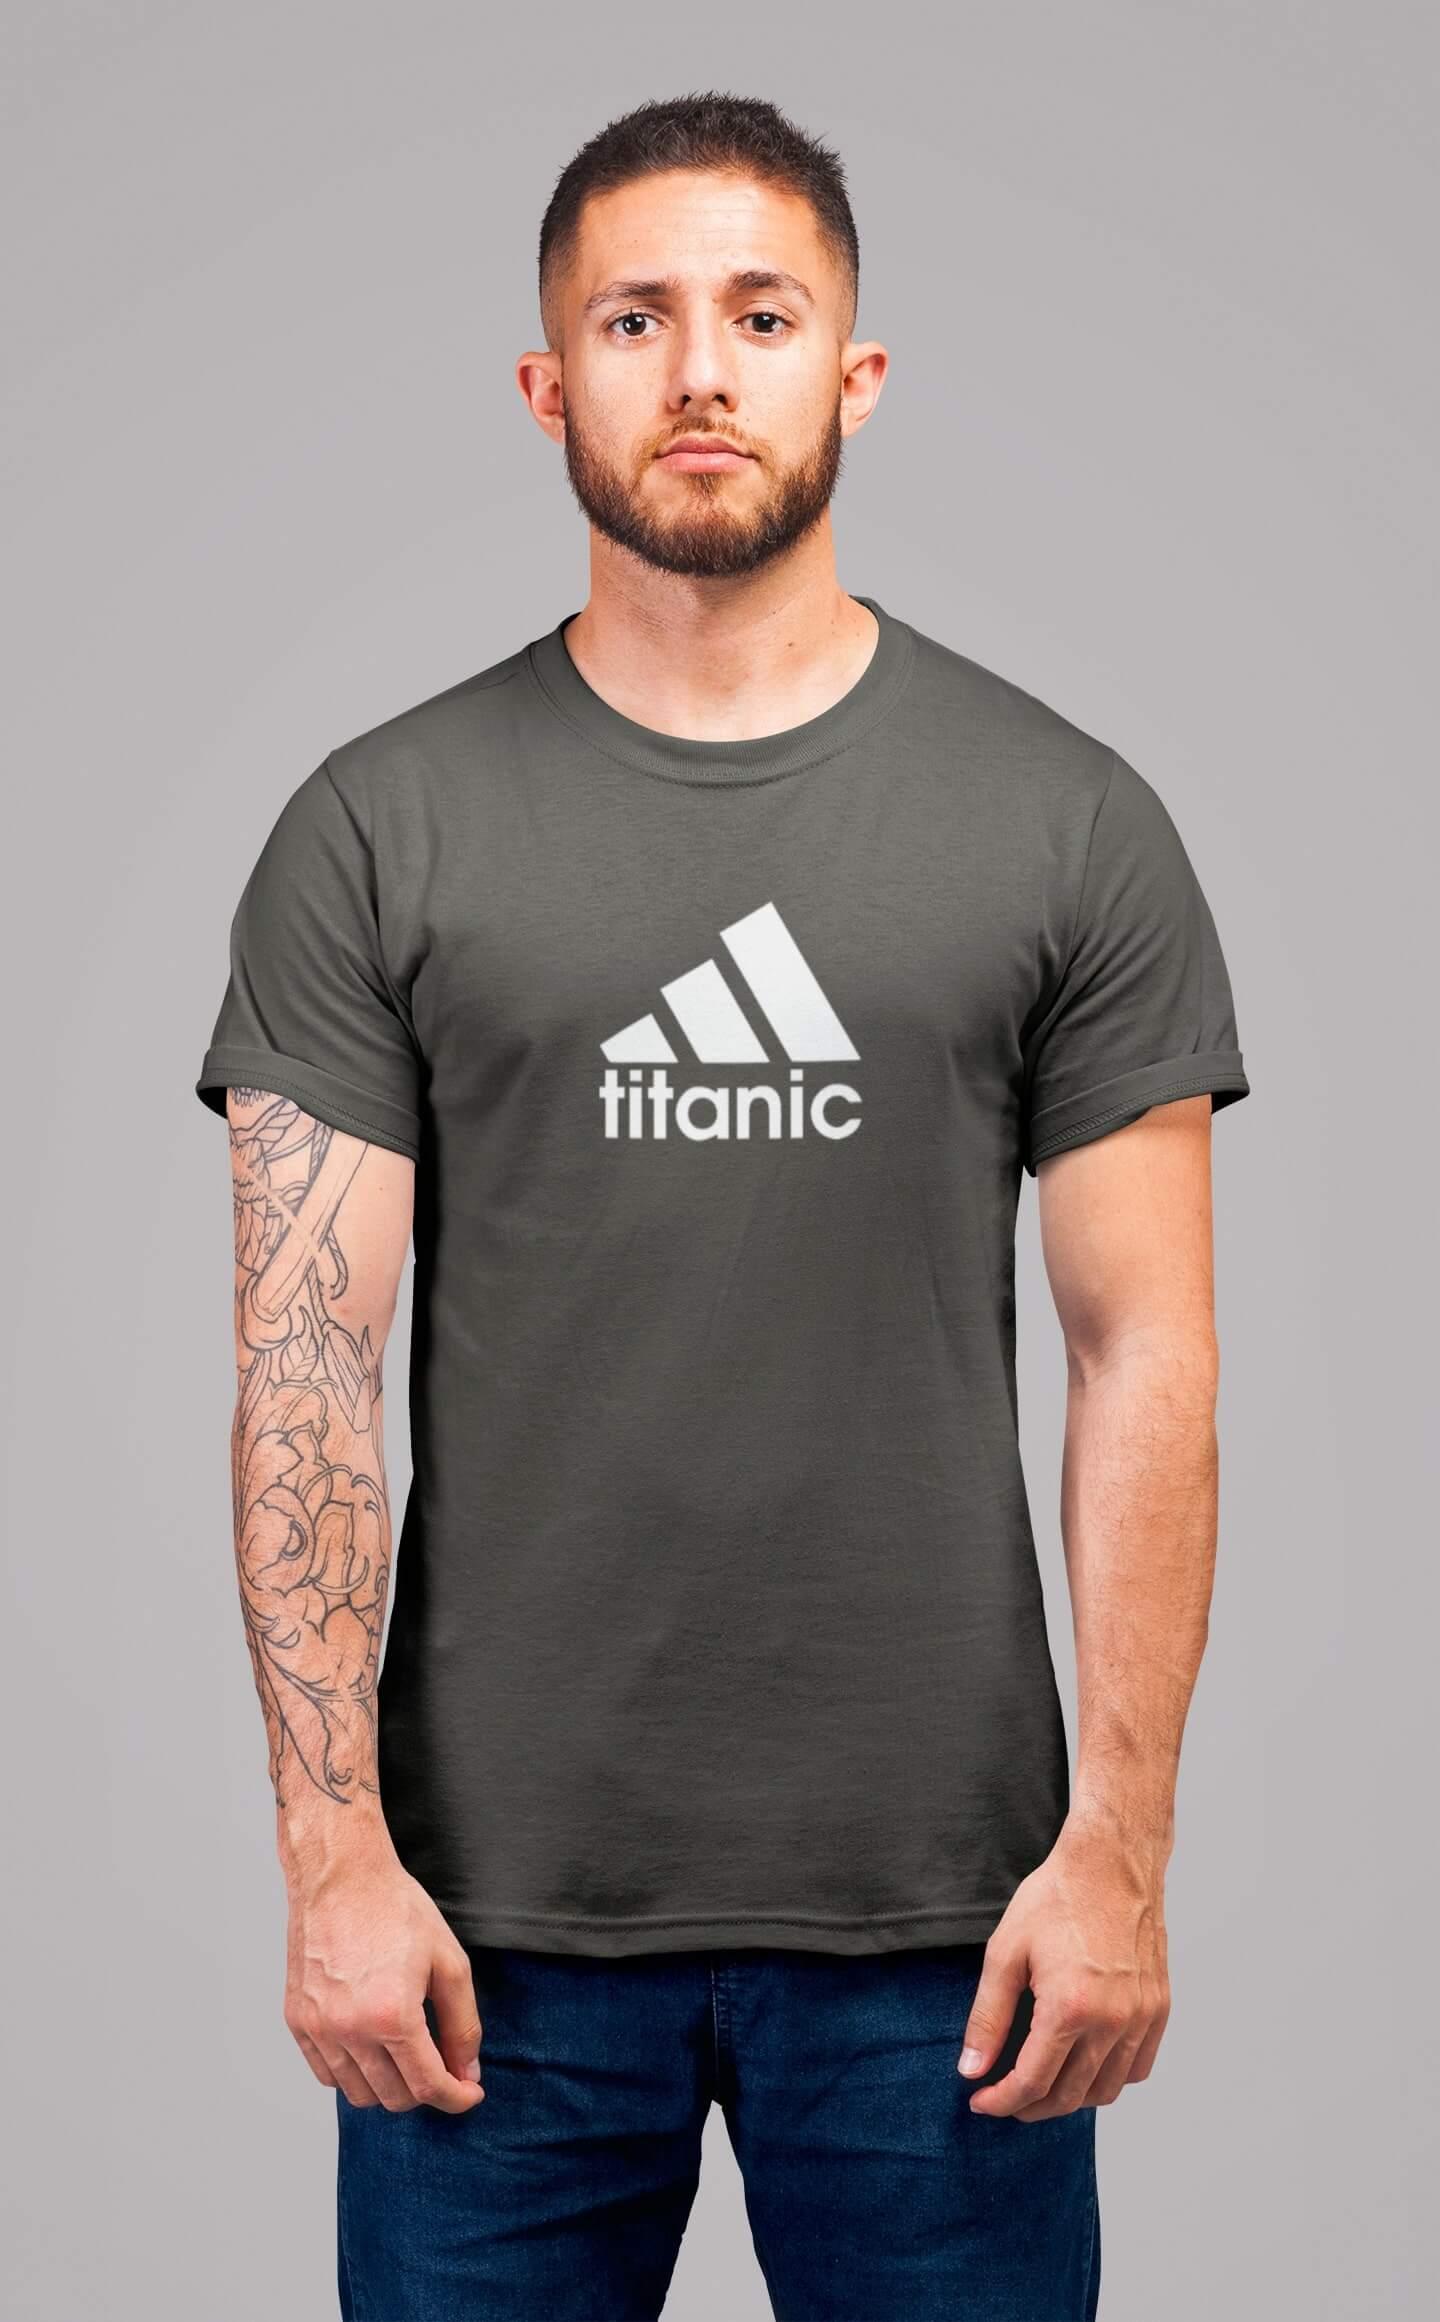 MMO Pánske tričko Titanic Vyberte farbu: Tmavá bridlica, Vyberte veľkosť: XL